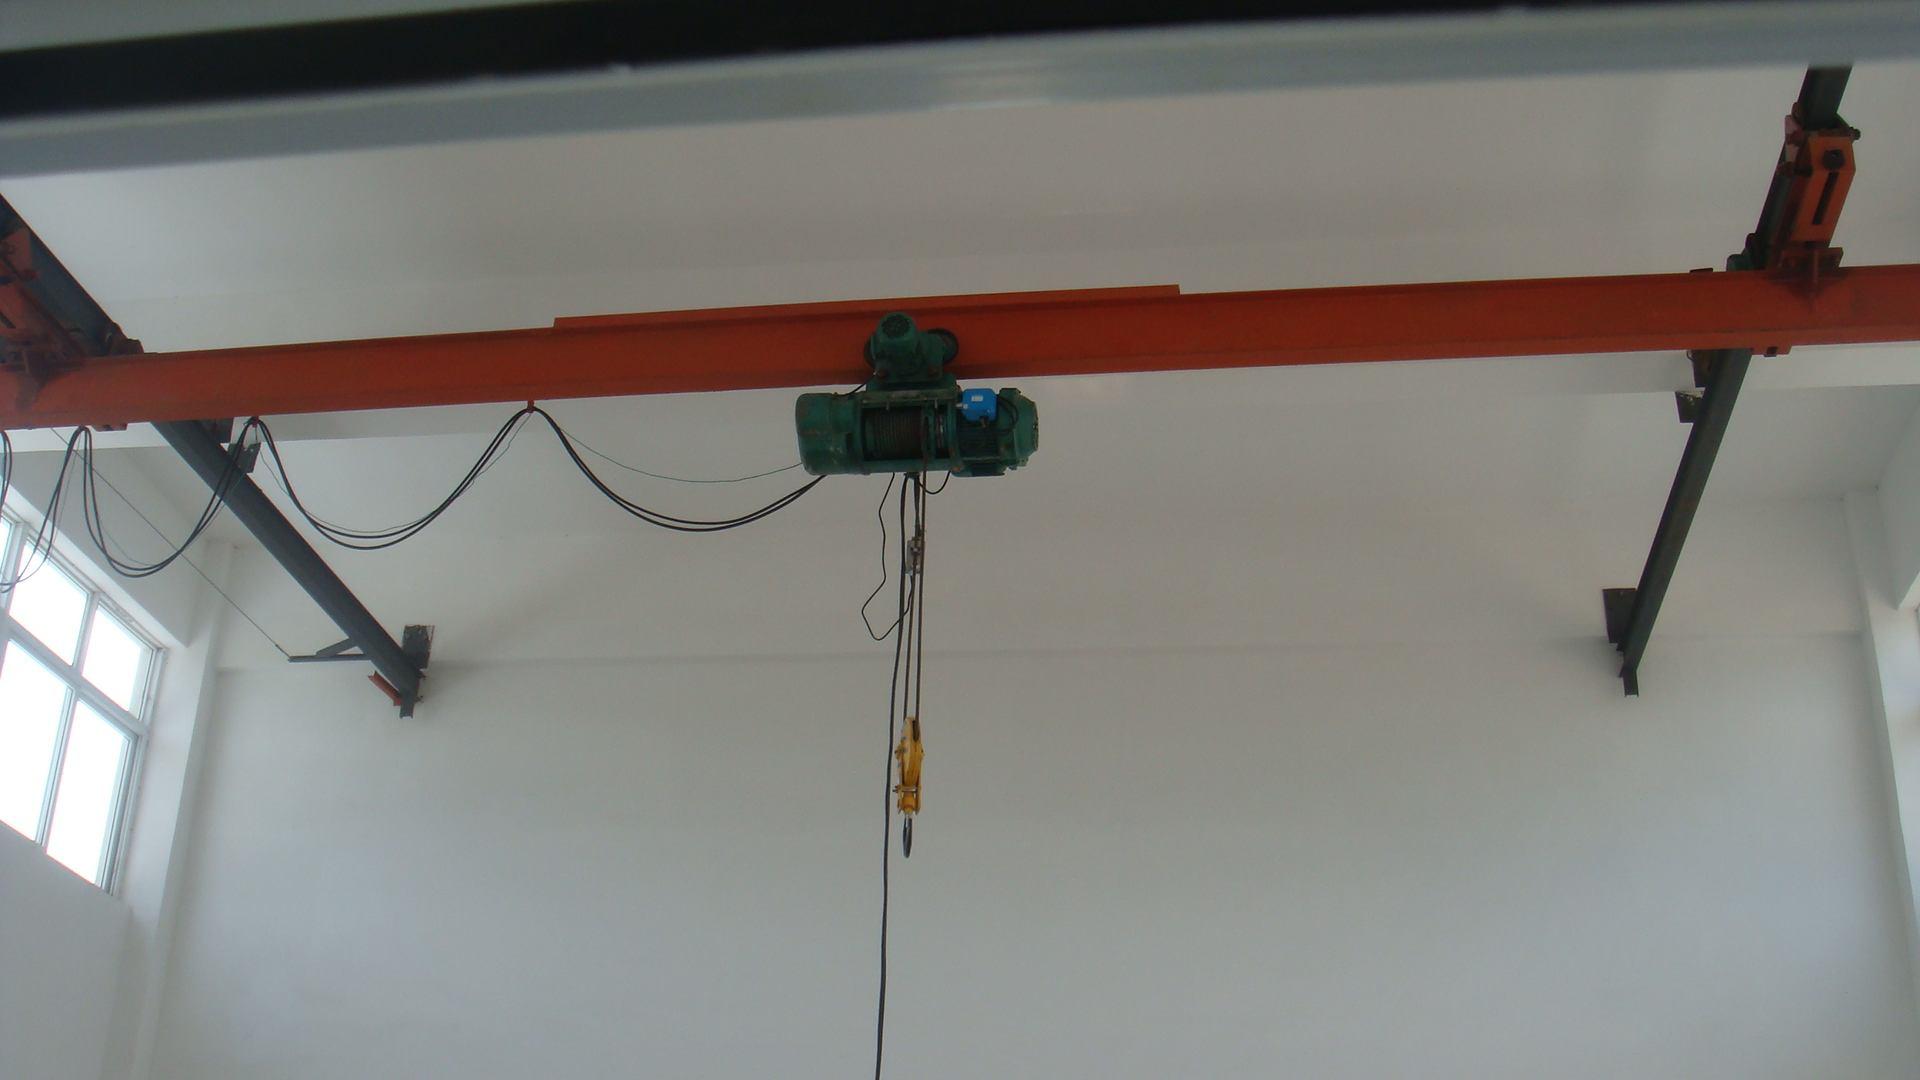 大连起重机大连龙门吊大连悬挂起重机大连桥式起重机悬臂起重机